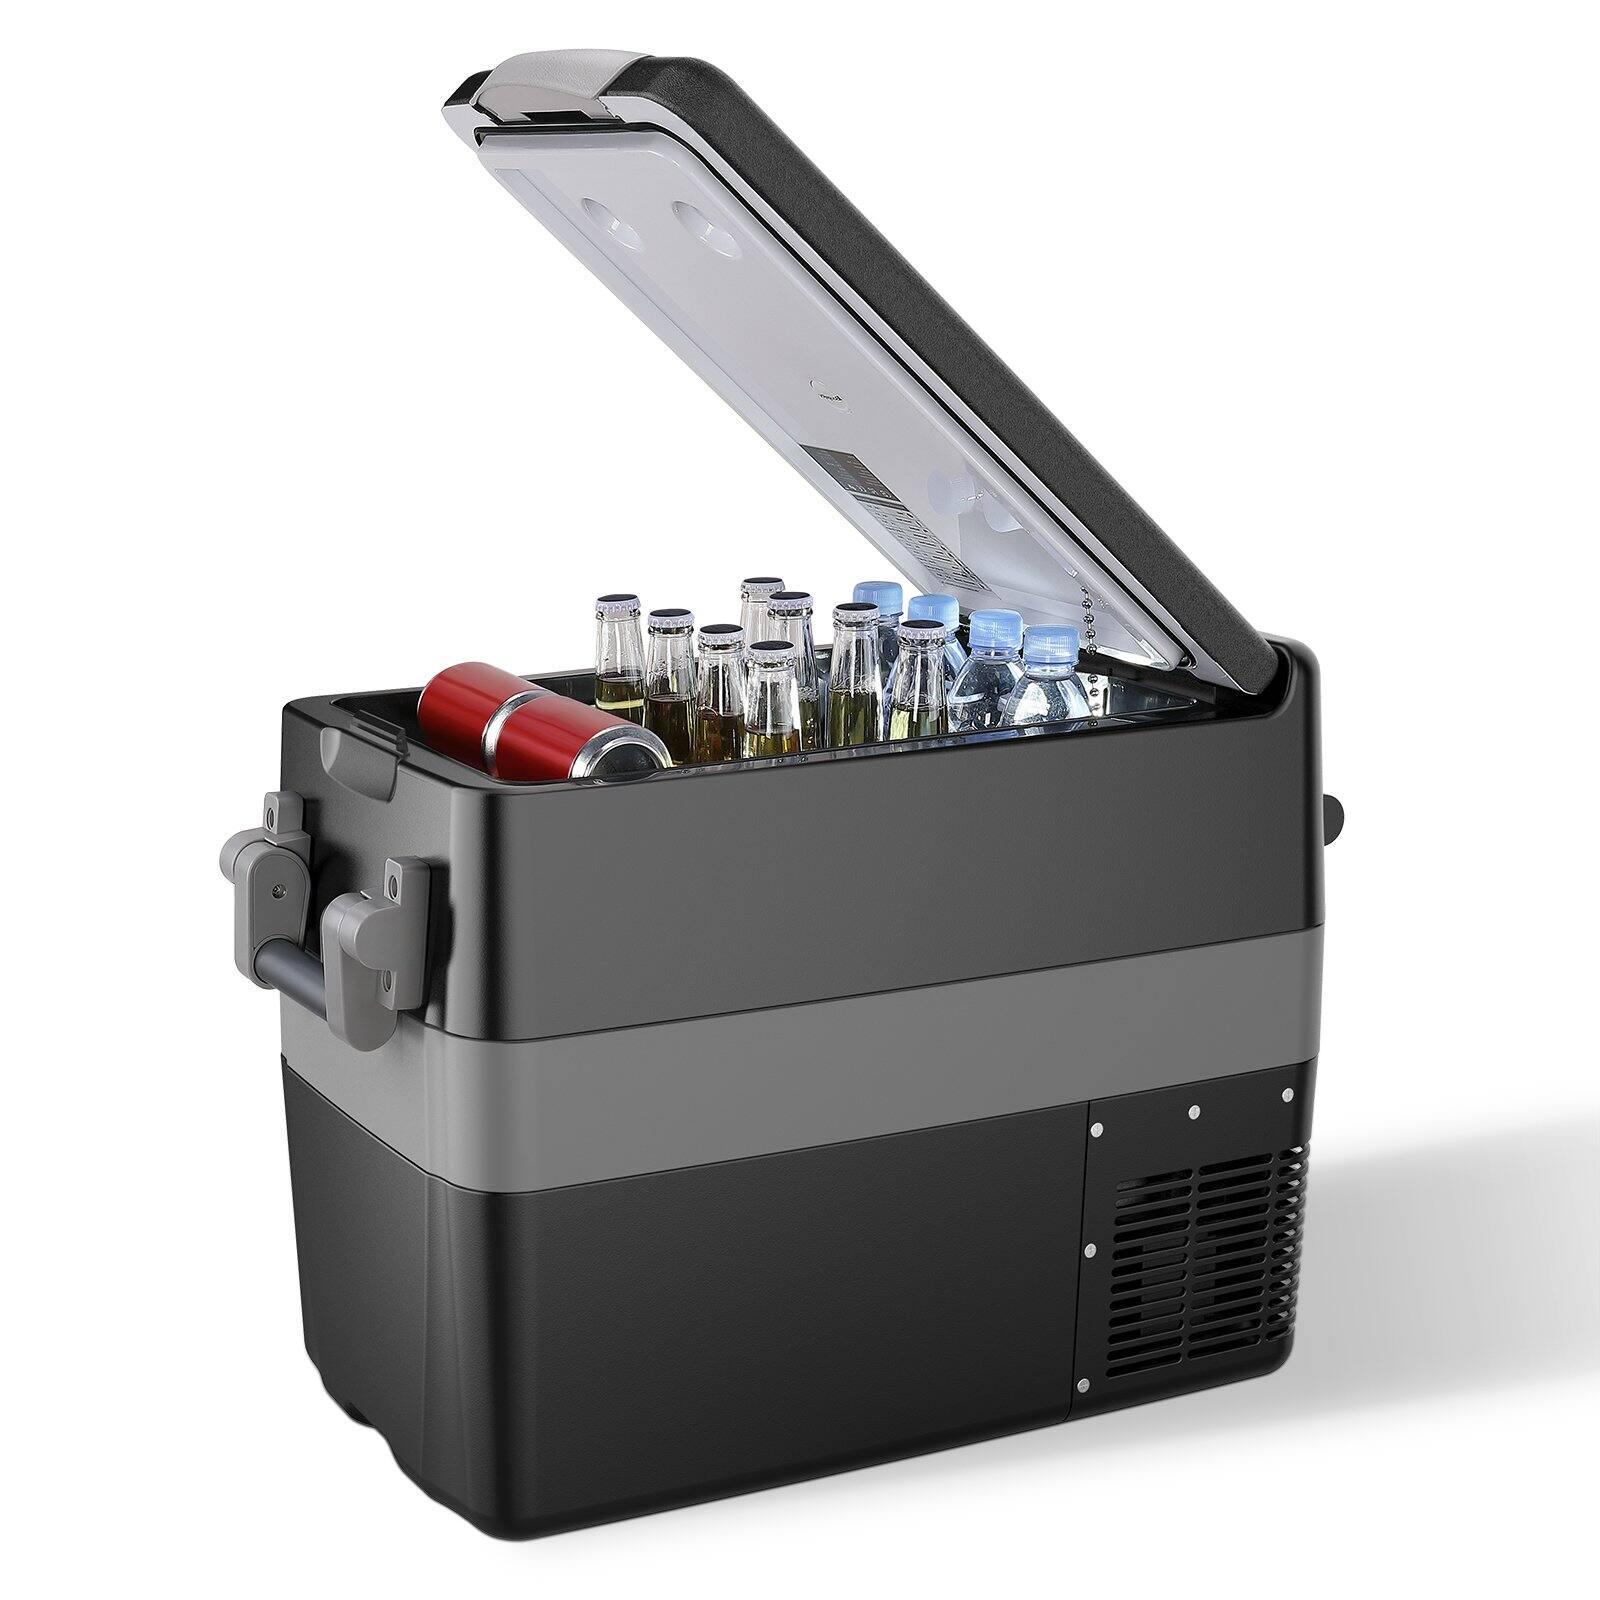 42 Quarts Portable 12/24 V DC Car Refrigerator Freezer for $284.99 + Free Shipping